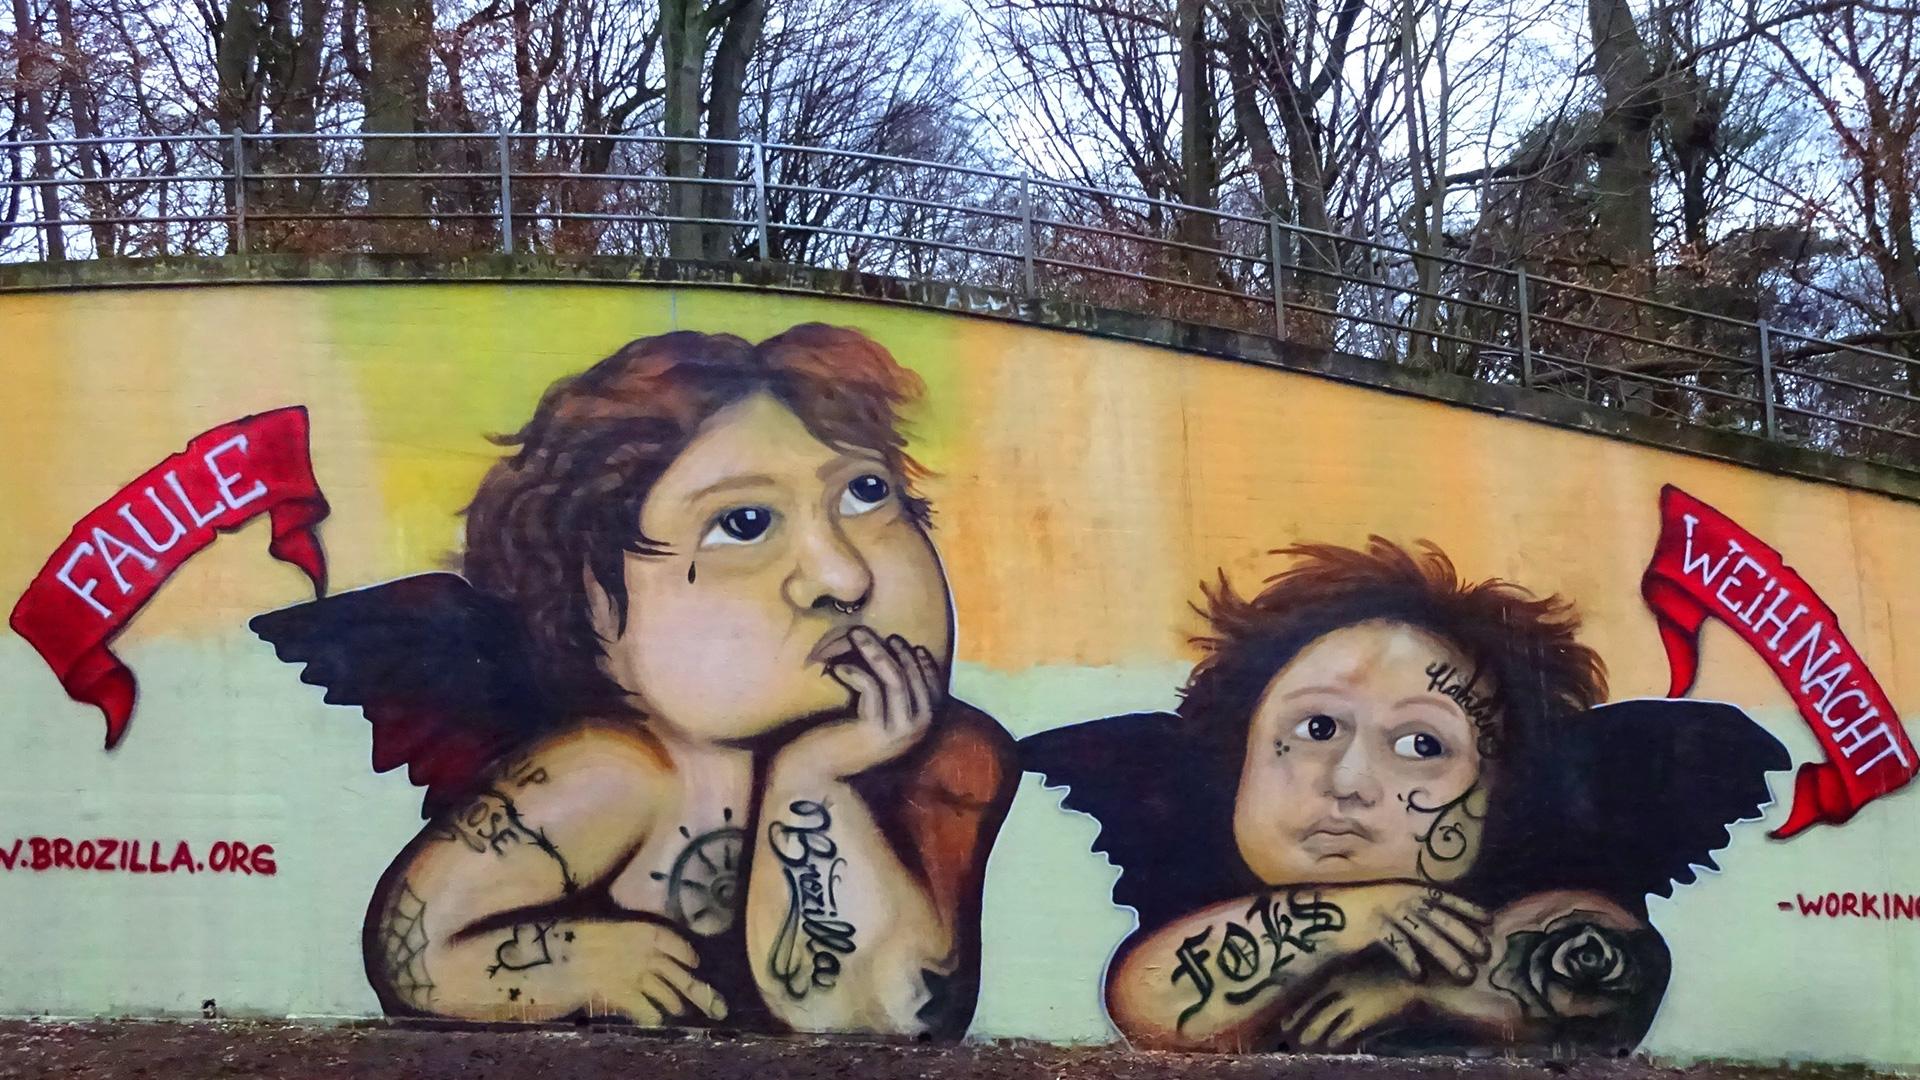 brozilla-graffiti-page-03